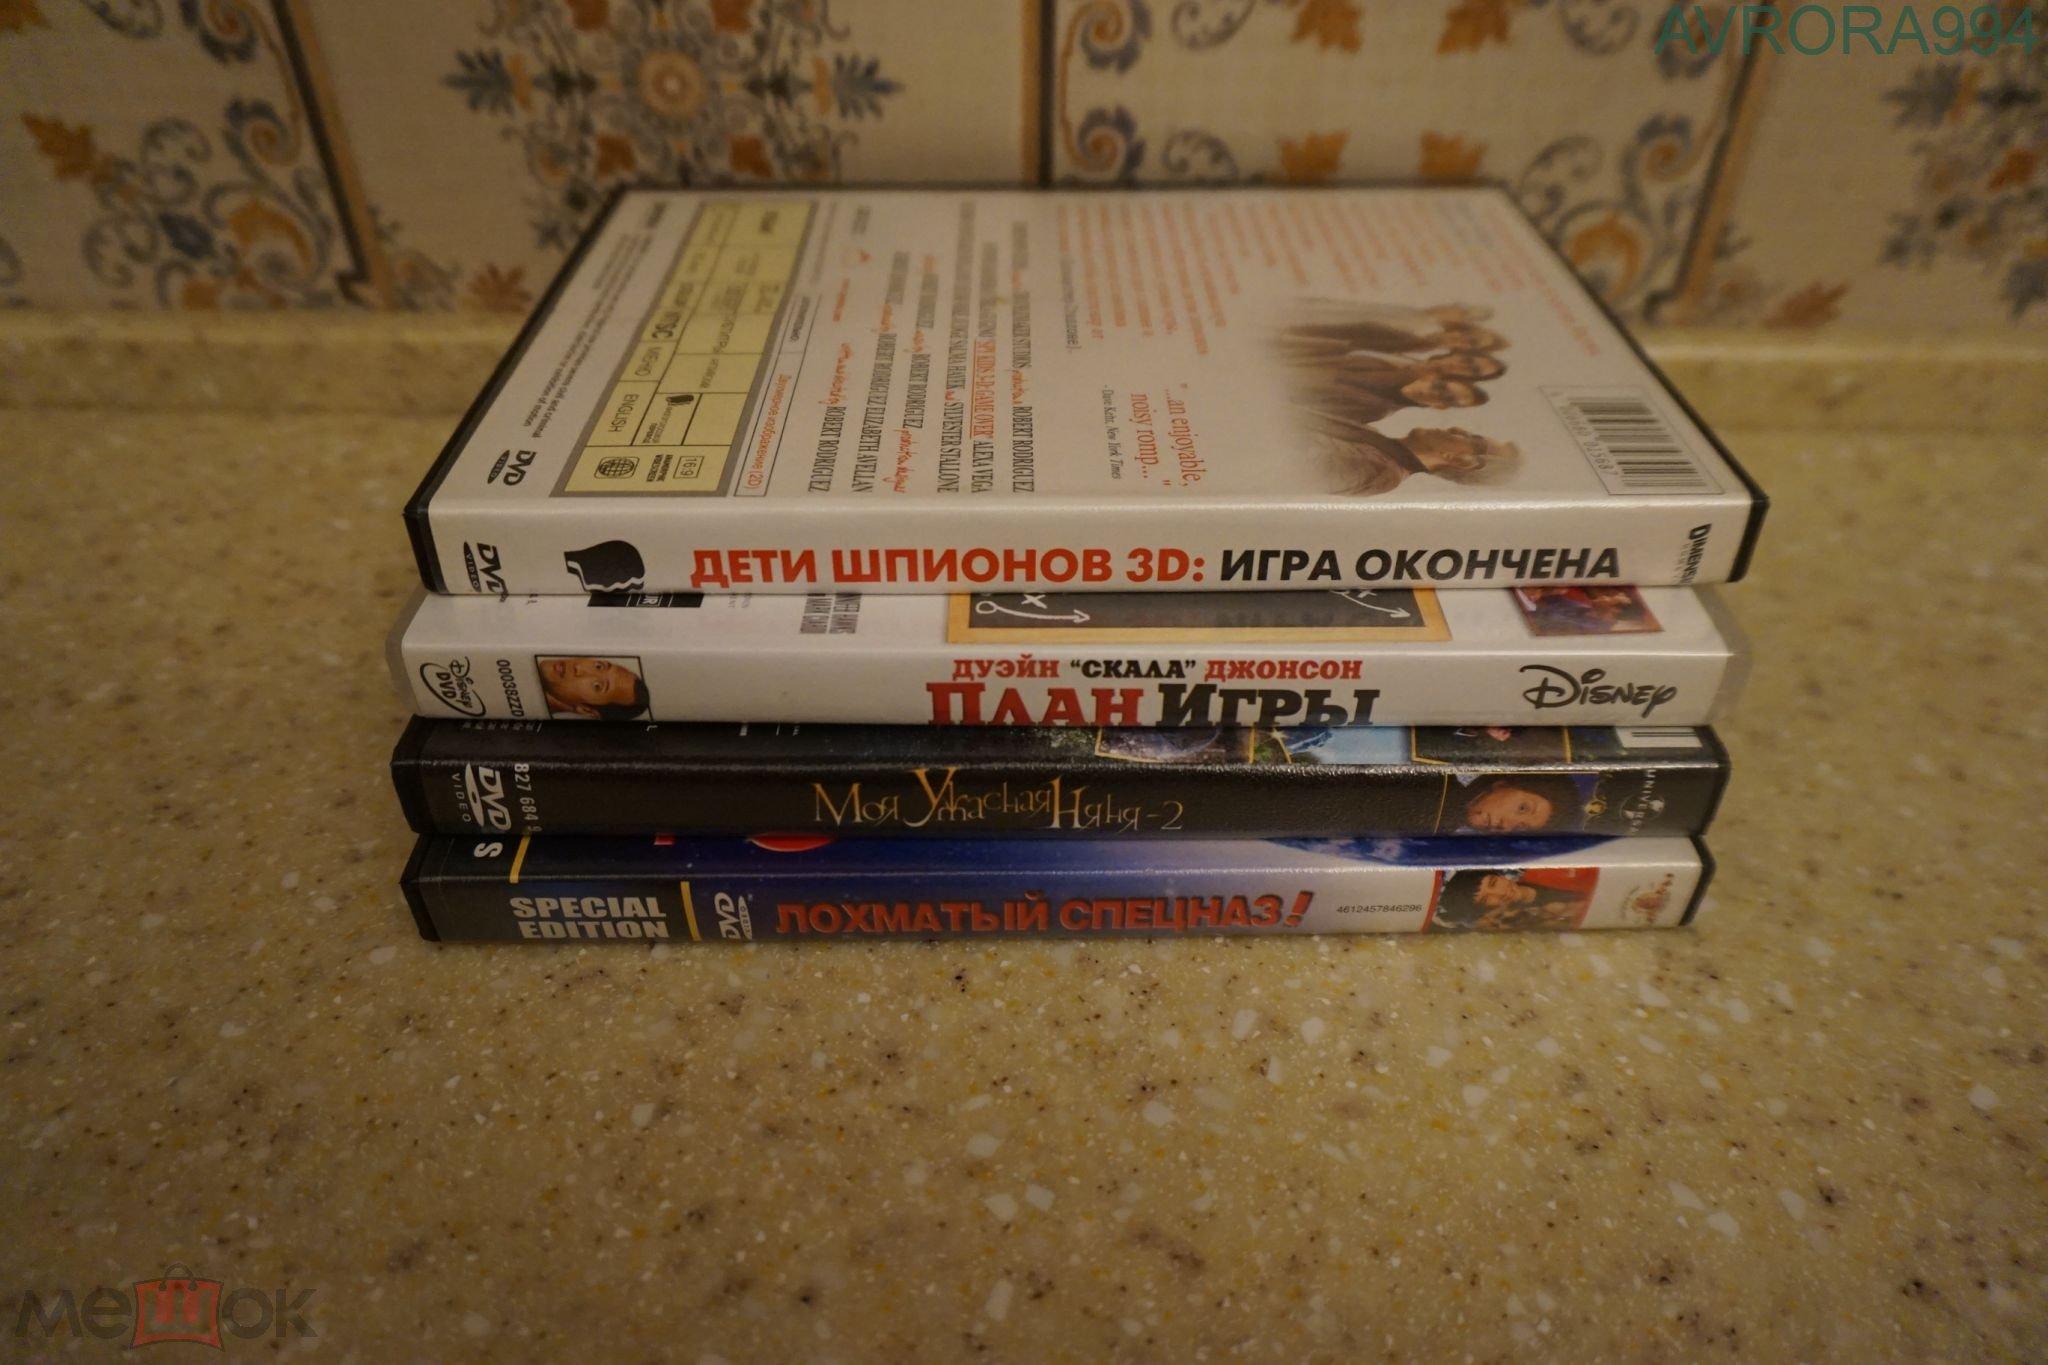 """DVD """" Лохматый спецназ """","""" Моя ужасная няня -2"""".План игры """","""" Дети шпионов 3-D, 4 диска, цена за всё"""